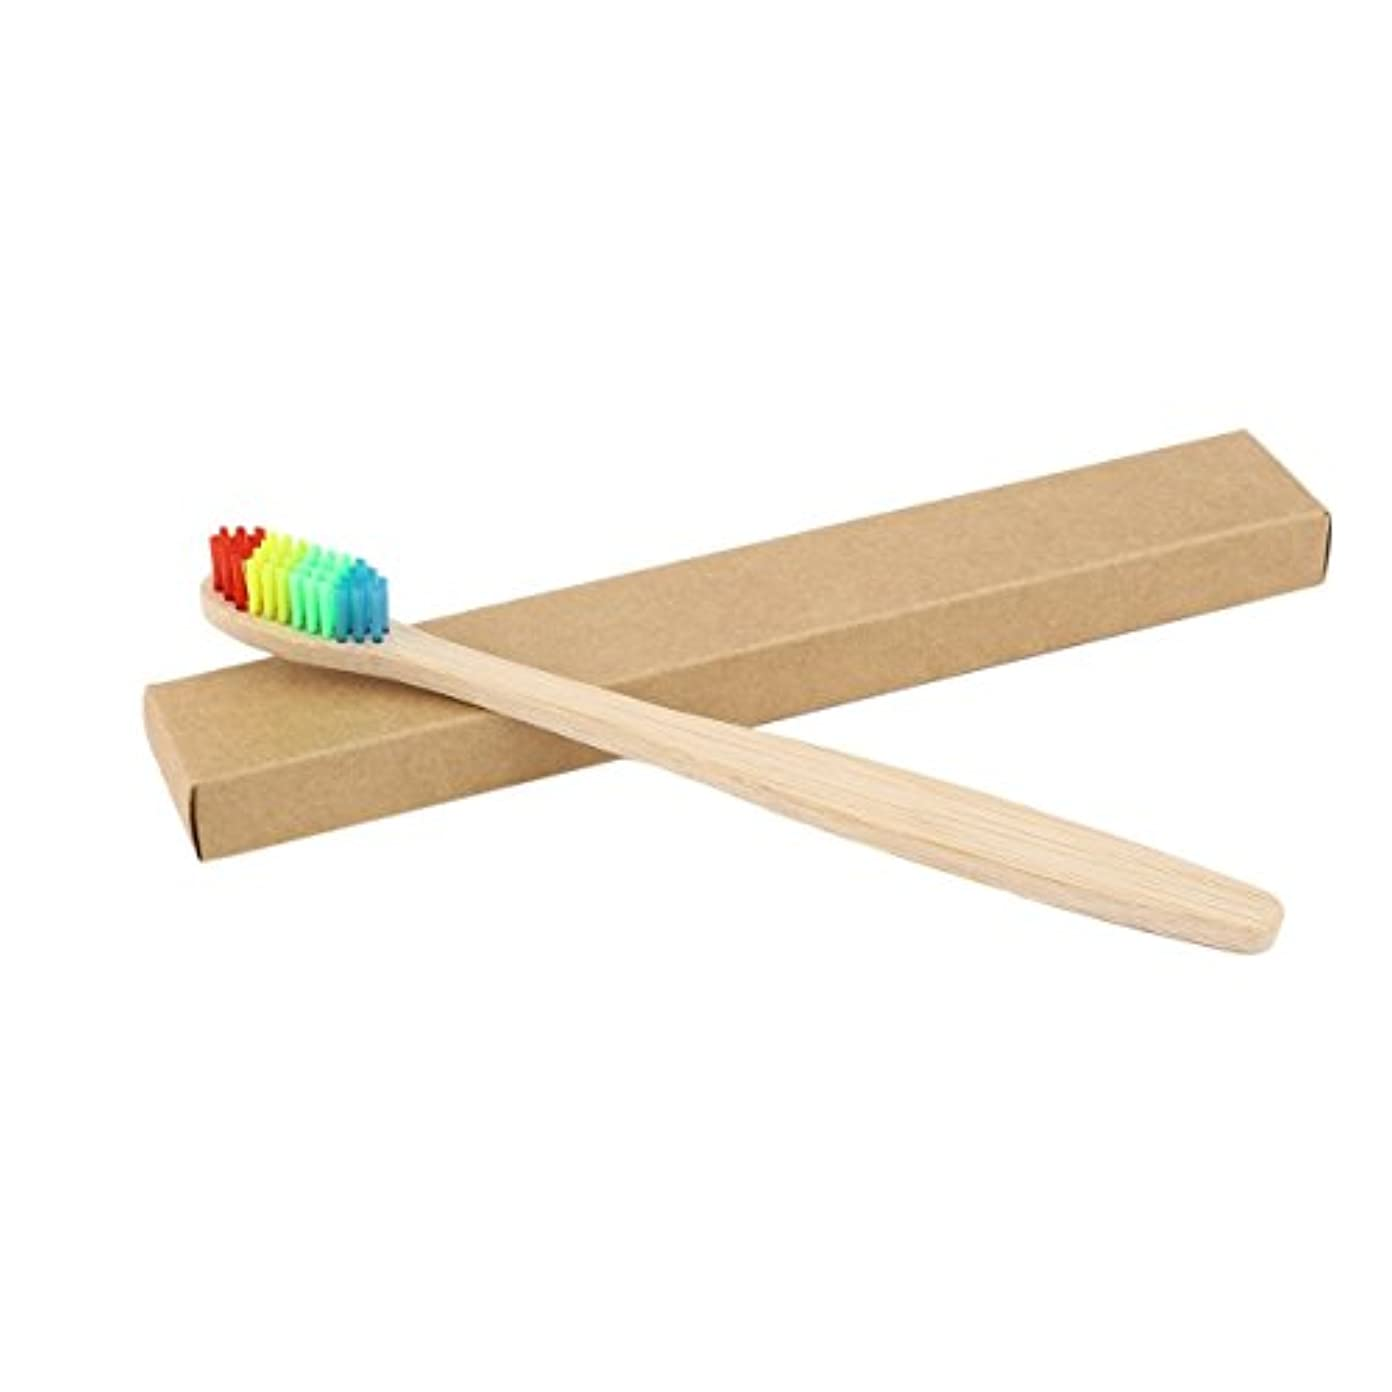 スリラー日没口述カラフルな髪+竹のハンドル歯ブラシ環境木製の虹竹の歯ブラシオーラルケアソフト剛毛ユニセックス - ウッドカラー+カラフル